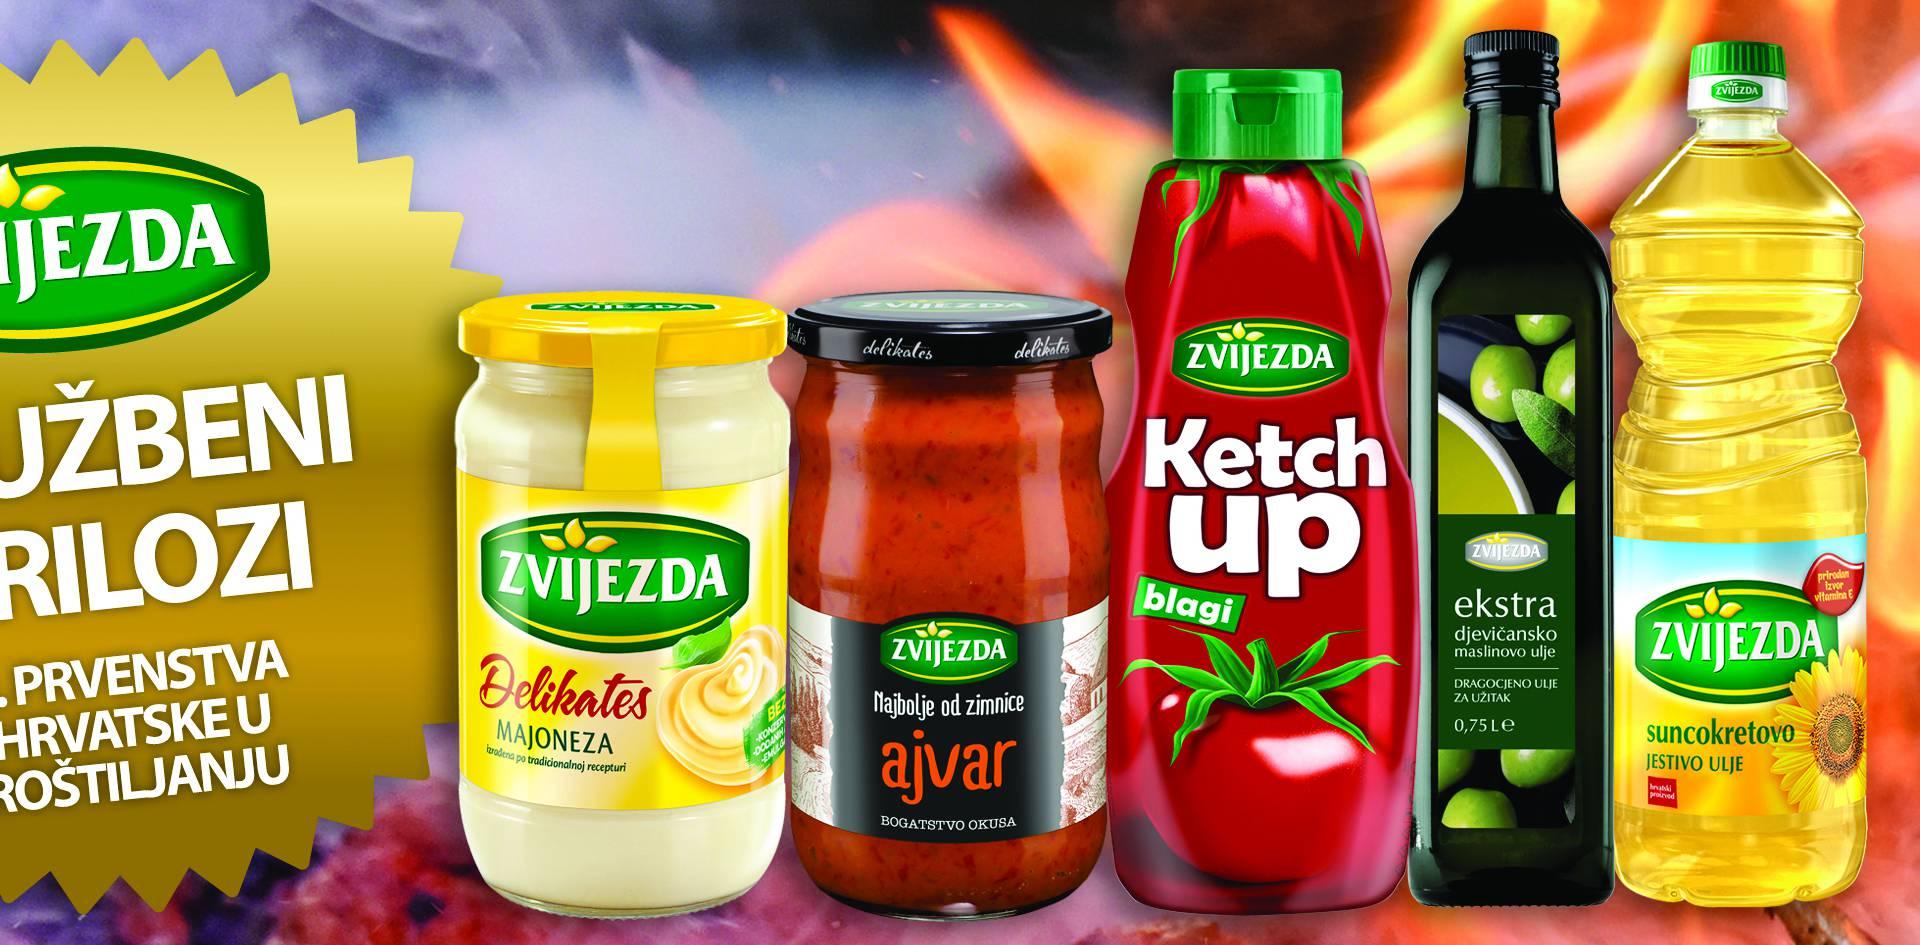 Majoneza, ajvar i kečap – trio gušt za roštilj